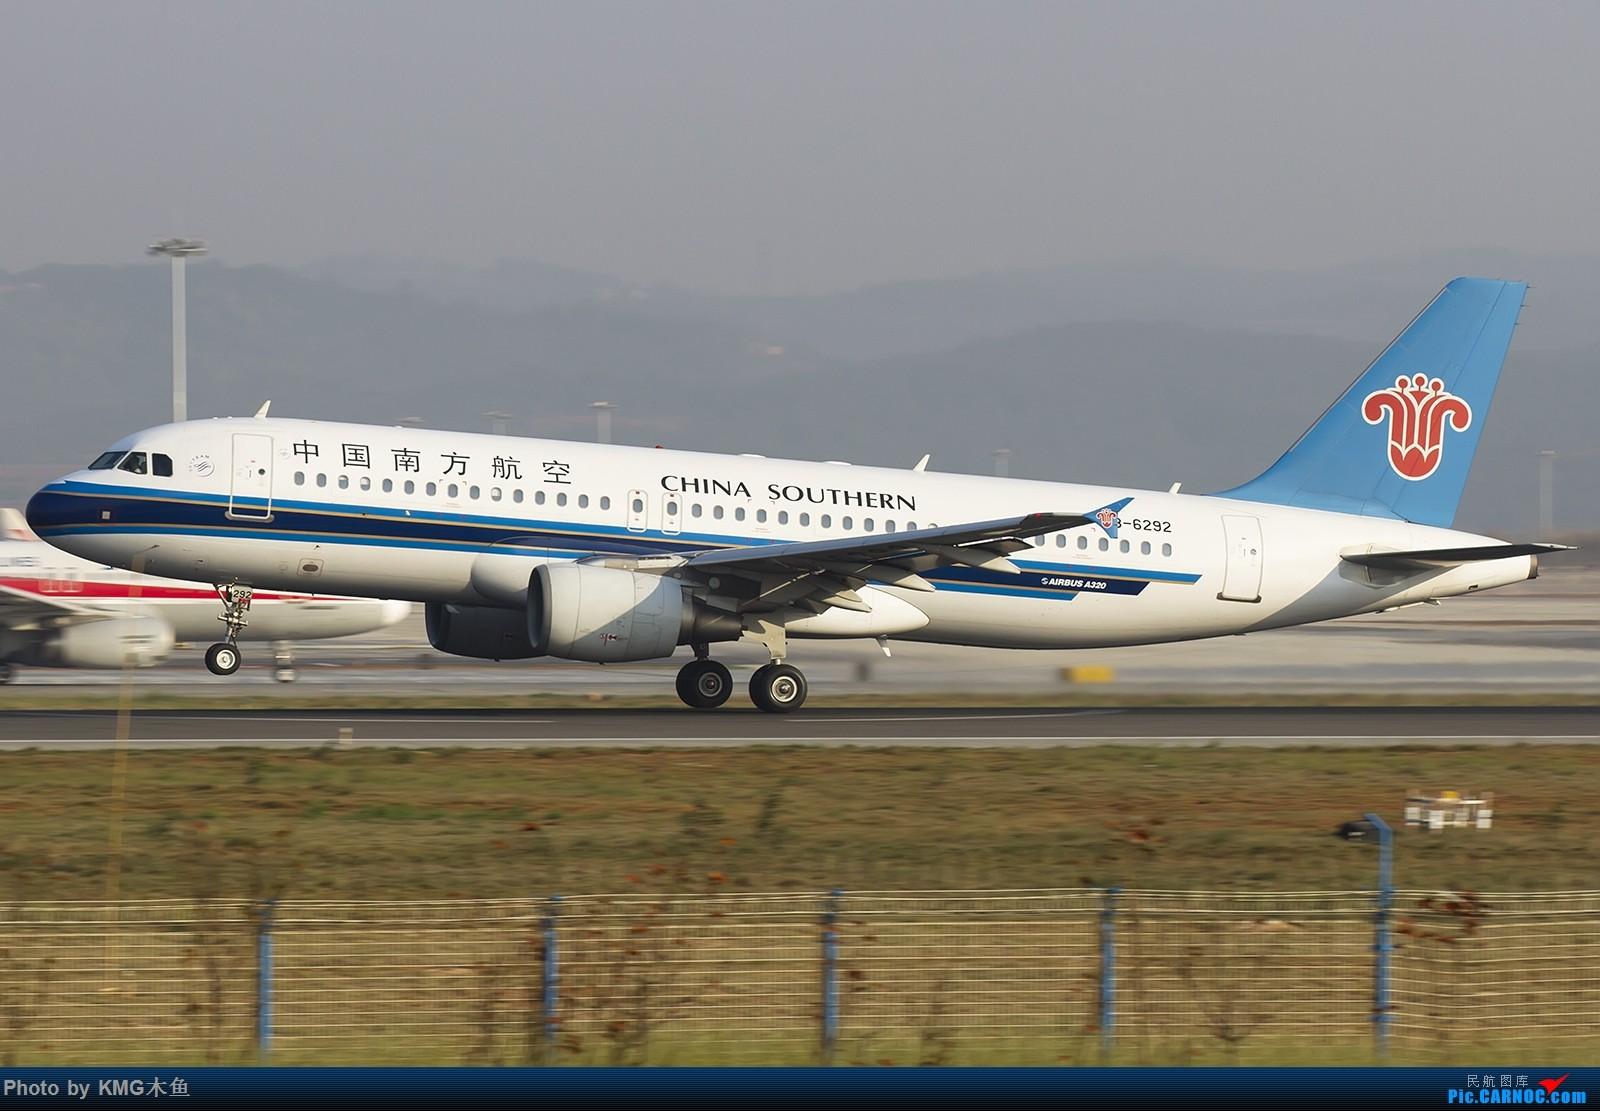 Re:[原创]【昆明飞友会-KMG木鱼】5.1小长假,昆明拍机发高清大图,向老前辈学习 AIRBUS A320-200 B-6292 中国昆明长水国际机场